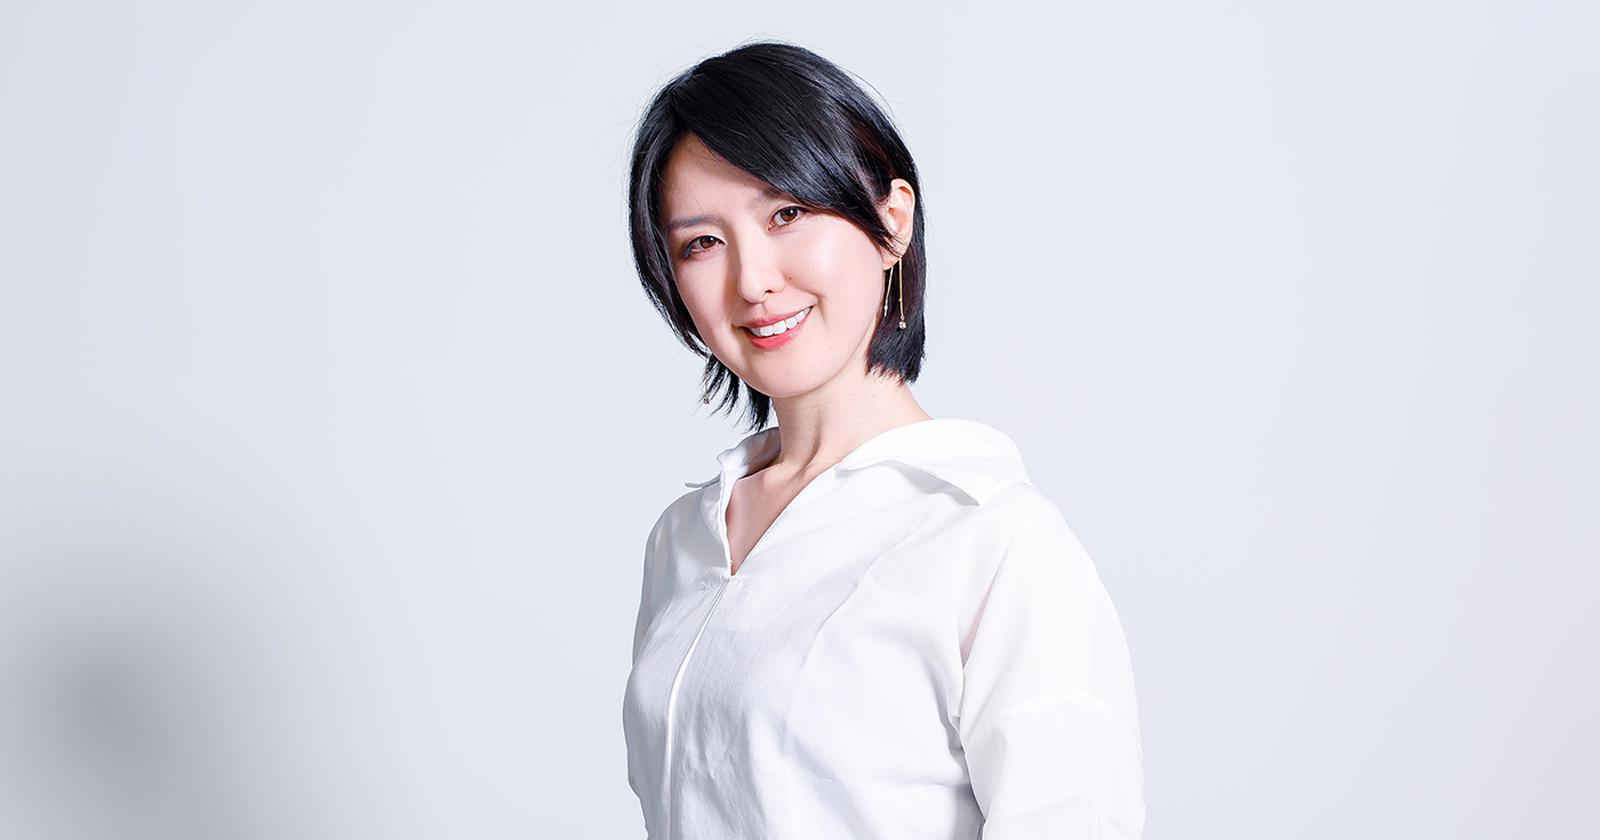 """『想いが仕事になる""""ライフワーク""""を実現する』帰国子女ママ。日本からグローバルに活躍する企業をもっと輩出したい。そのために超一流の黒子になる。"""